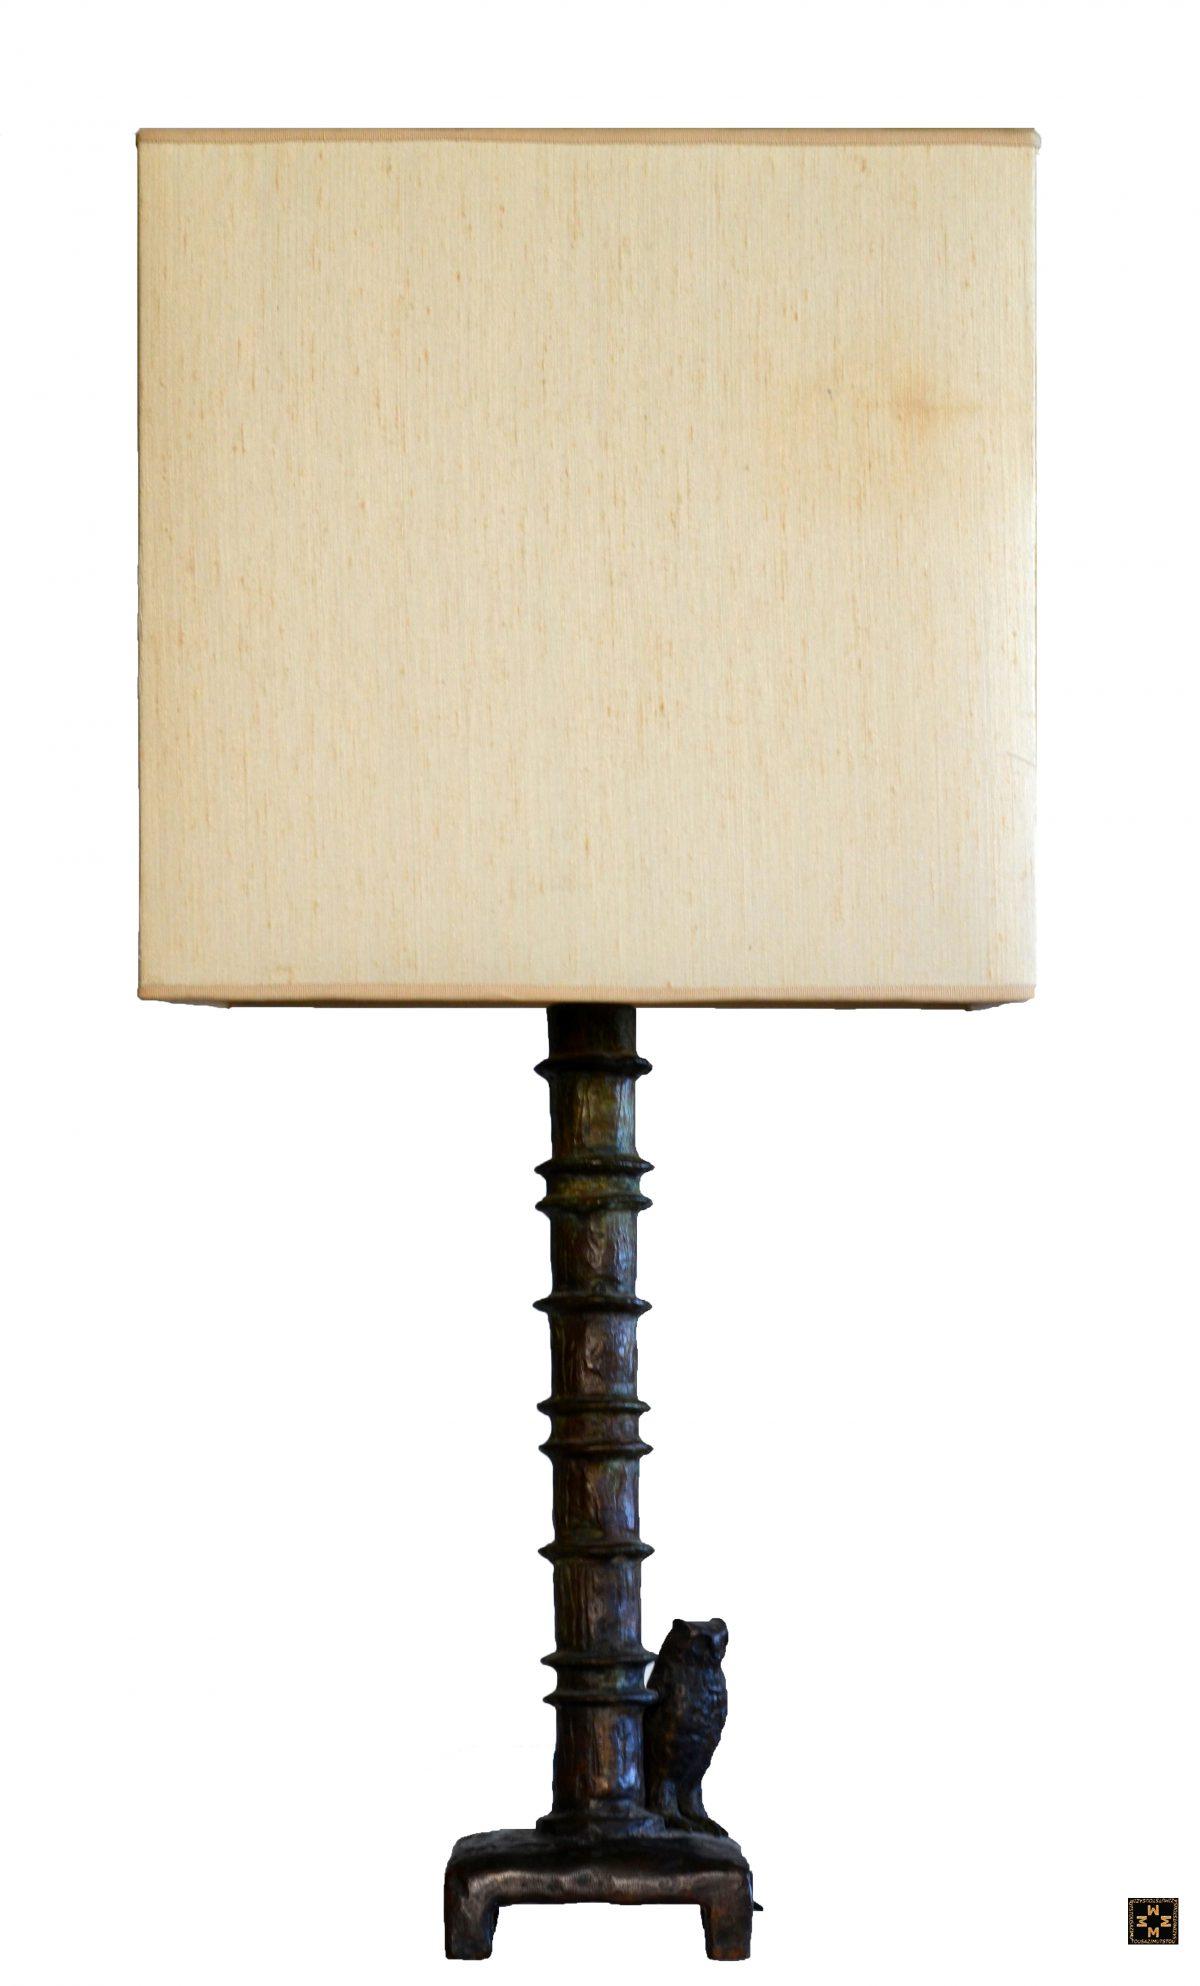 Paire de lampes au hibou (B) - Abat jour exécuté selon les plans de Marguerite Maeght.